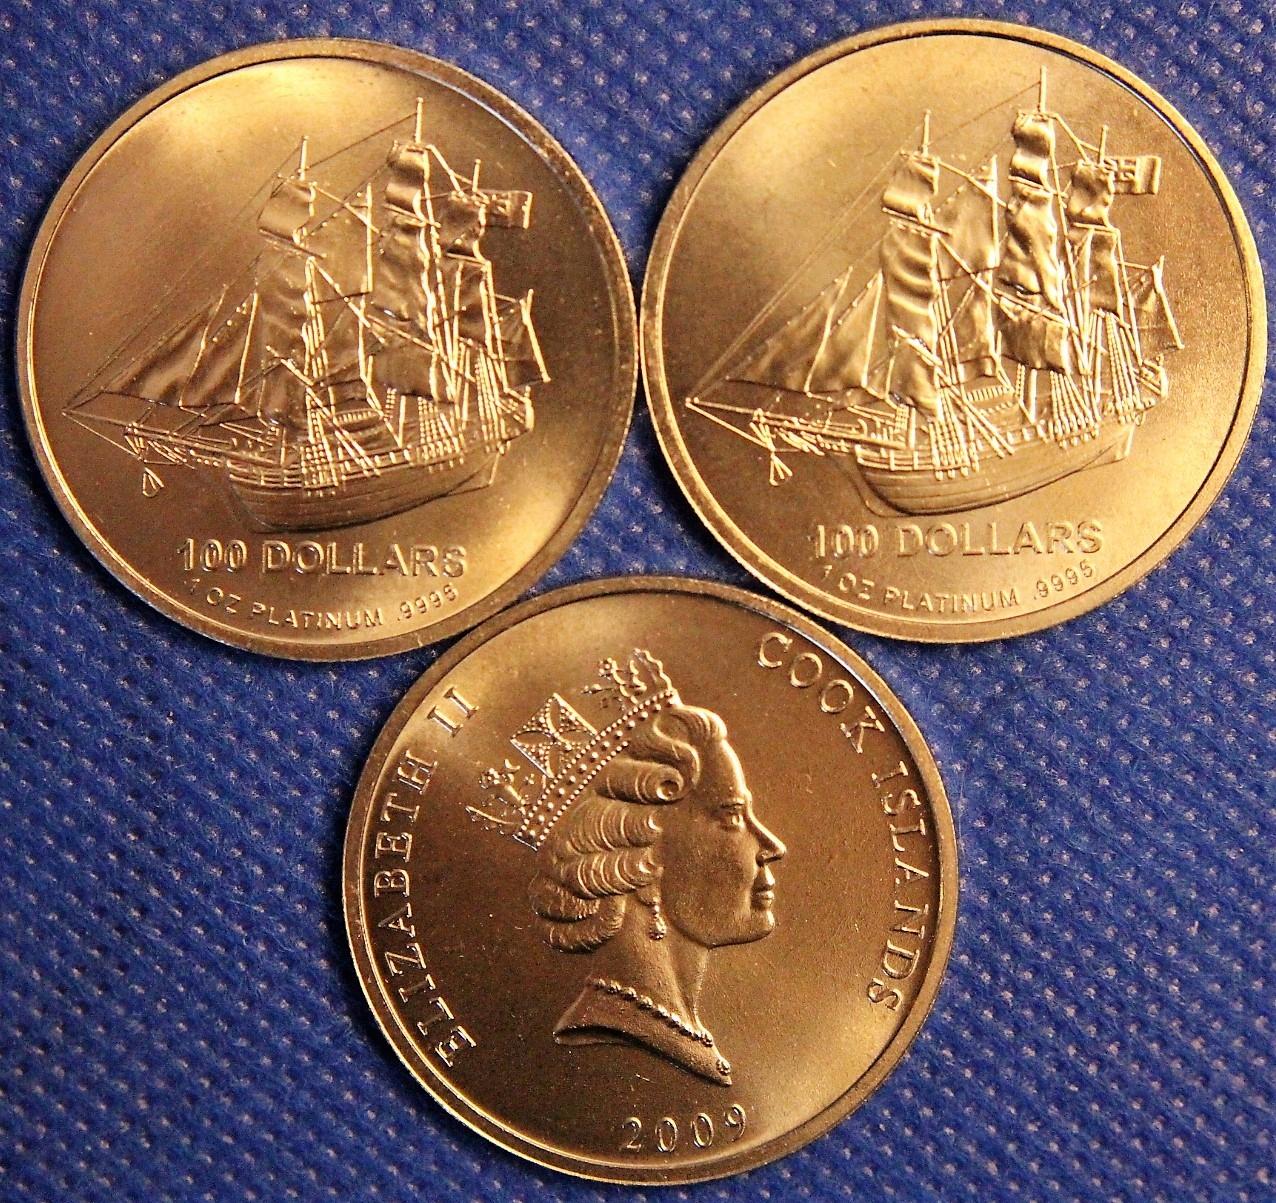 Cookove ostrovy, 100 dolárov 2009 - platinová unca